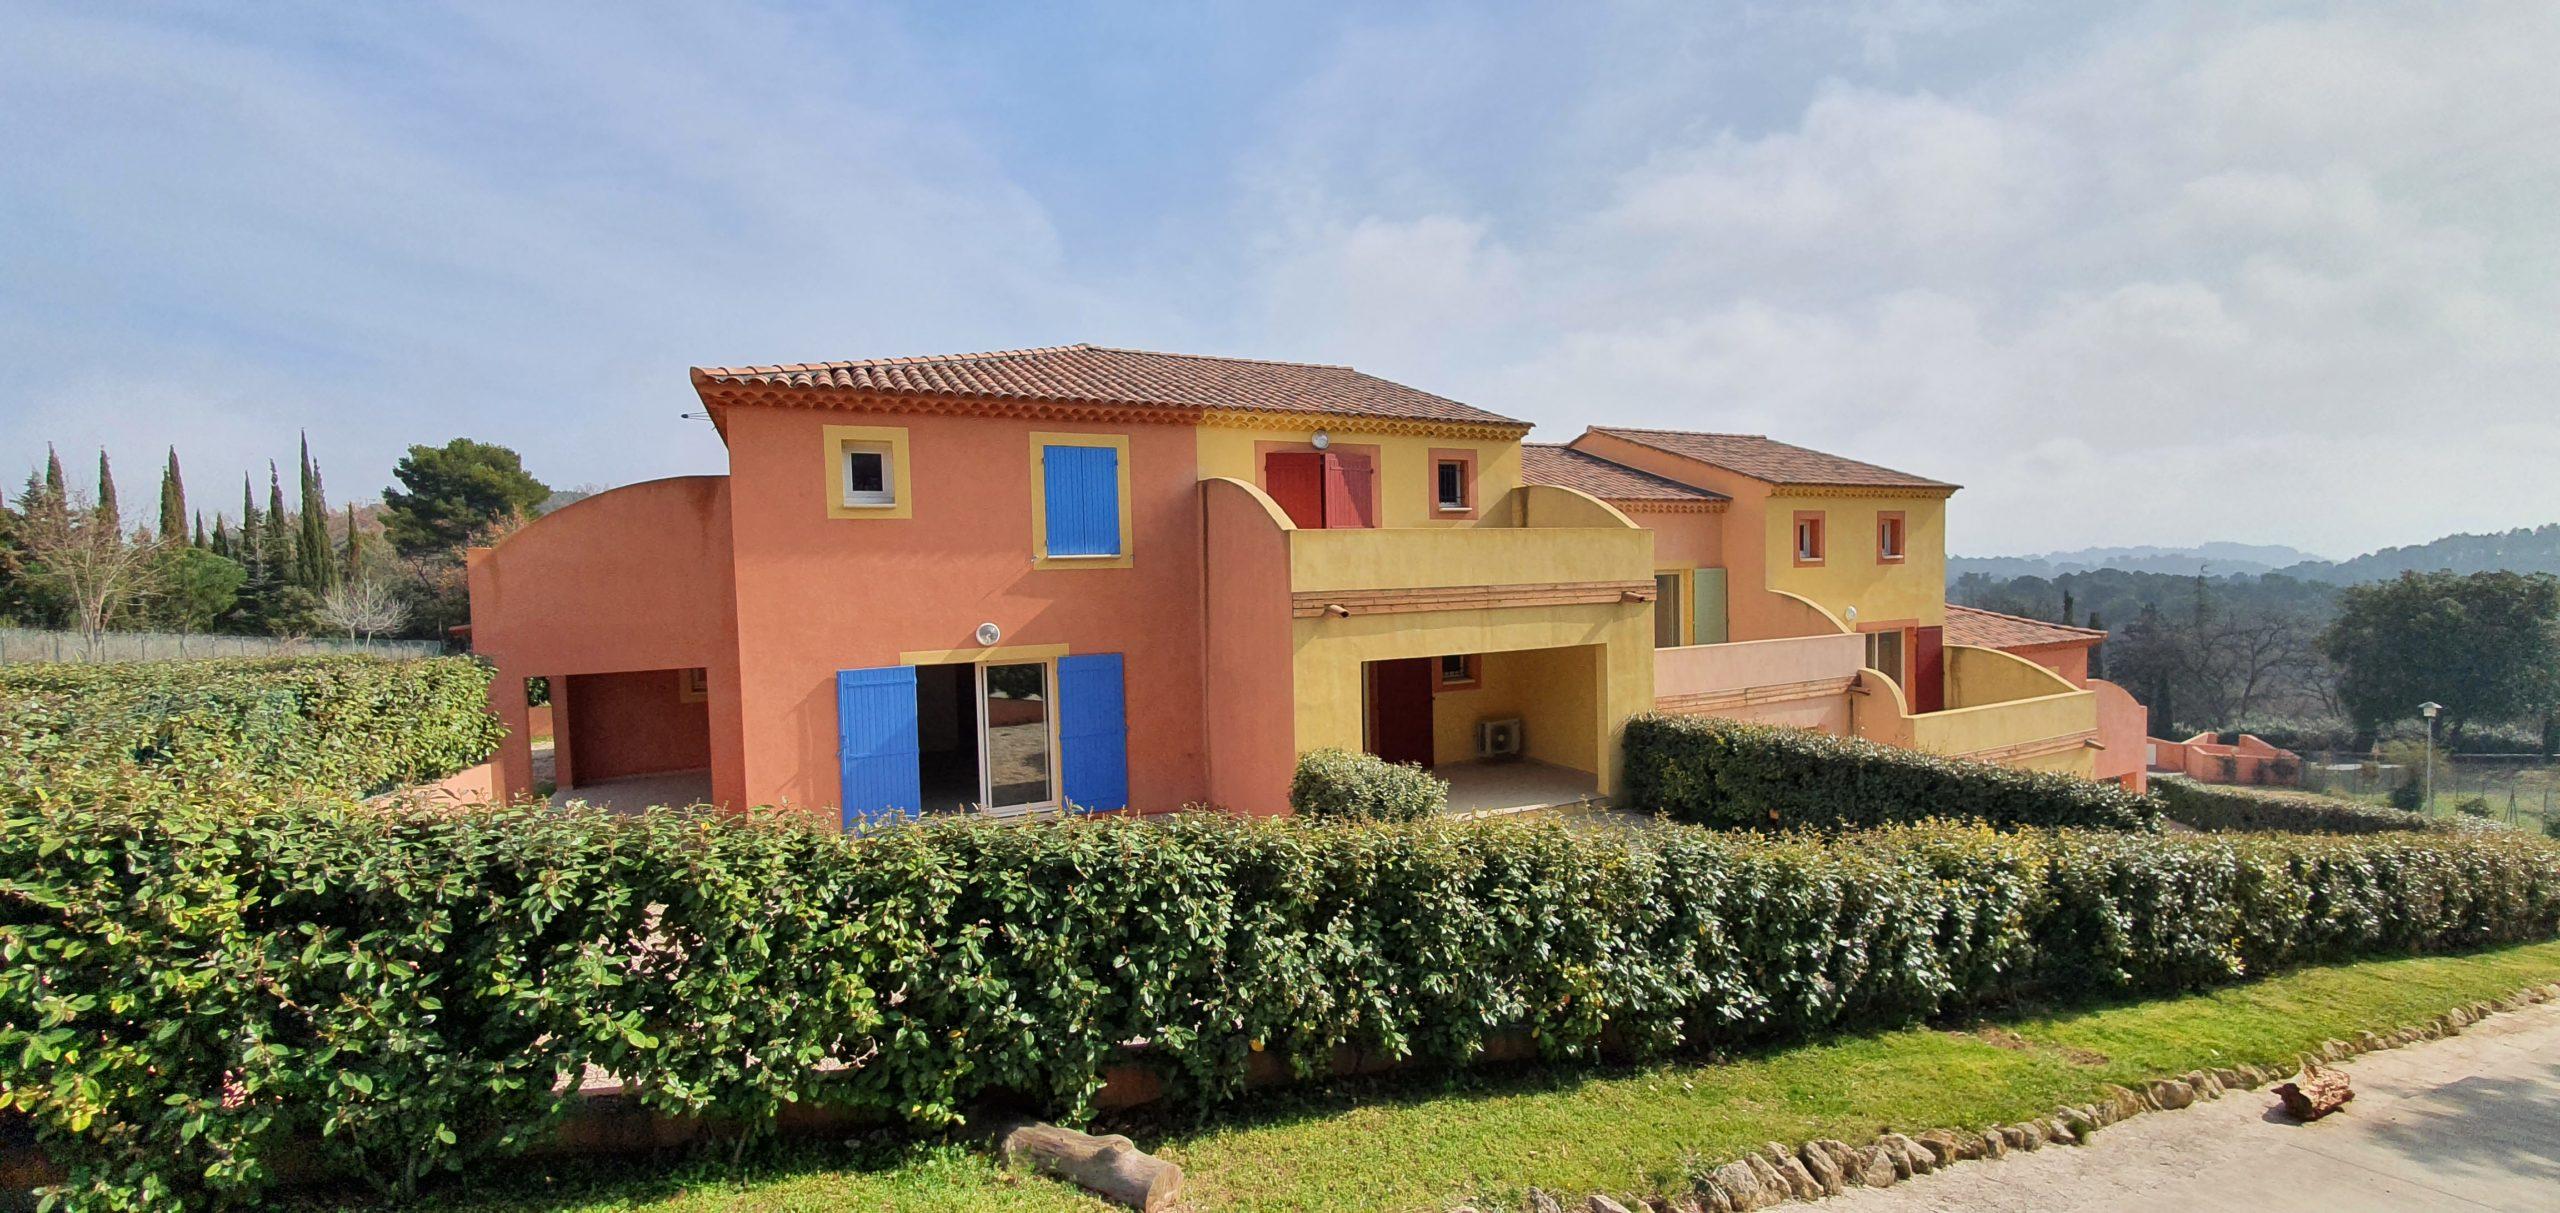 Roussillon 84 220 Dans une résidence avec piscine Superbe appartement T2 Avec terrasse, jardin, 2 parkings privés